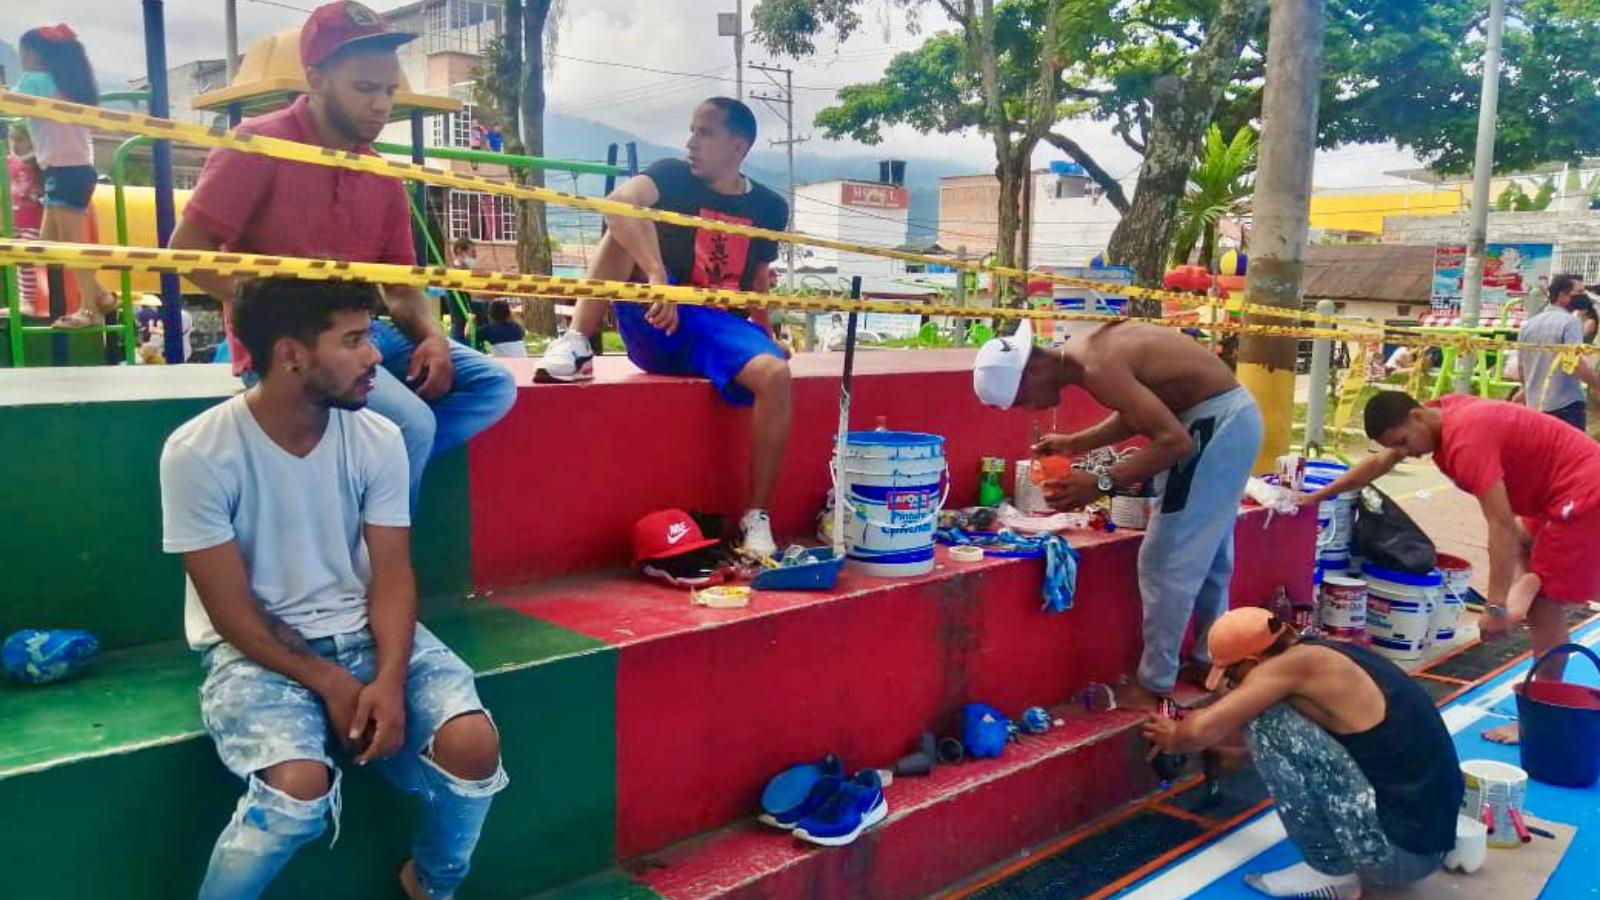 ¡Buenas acciones! Venezolanos restauraron y embellecieron un parque en Ibagué